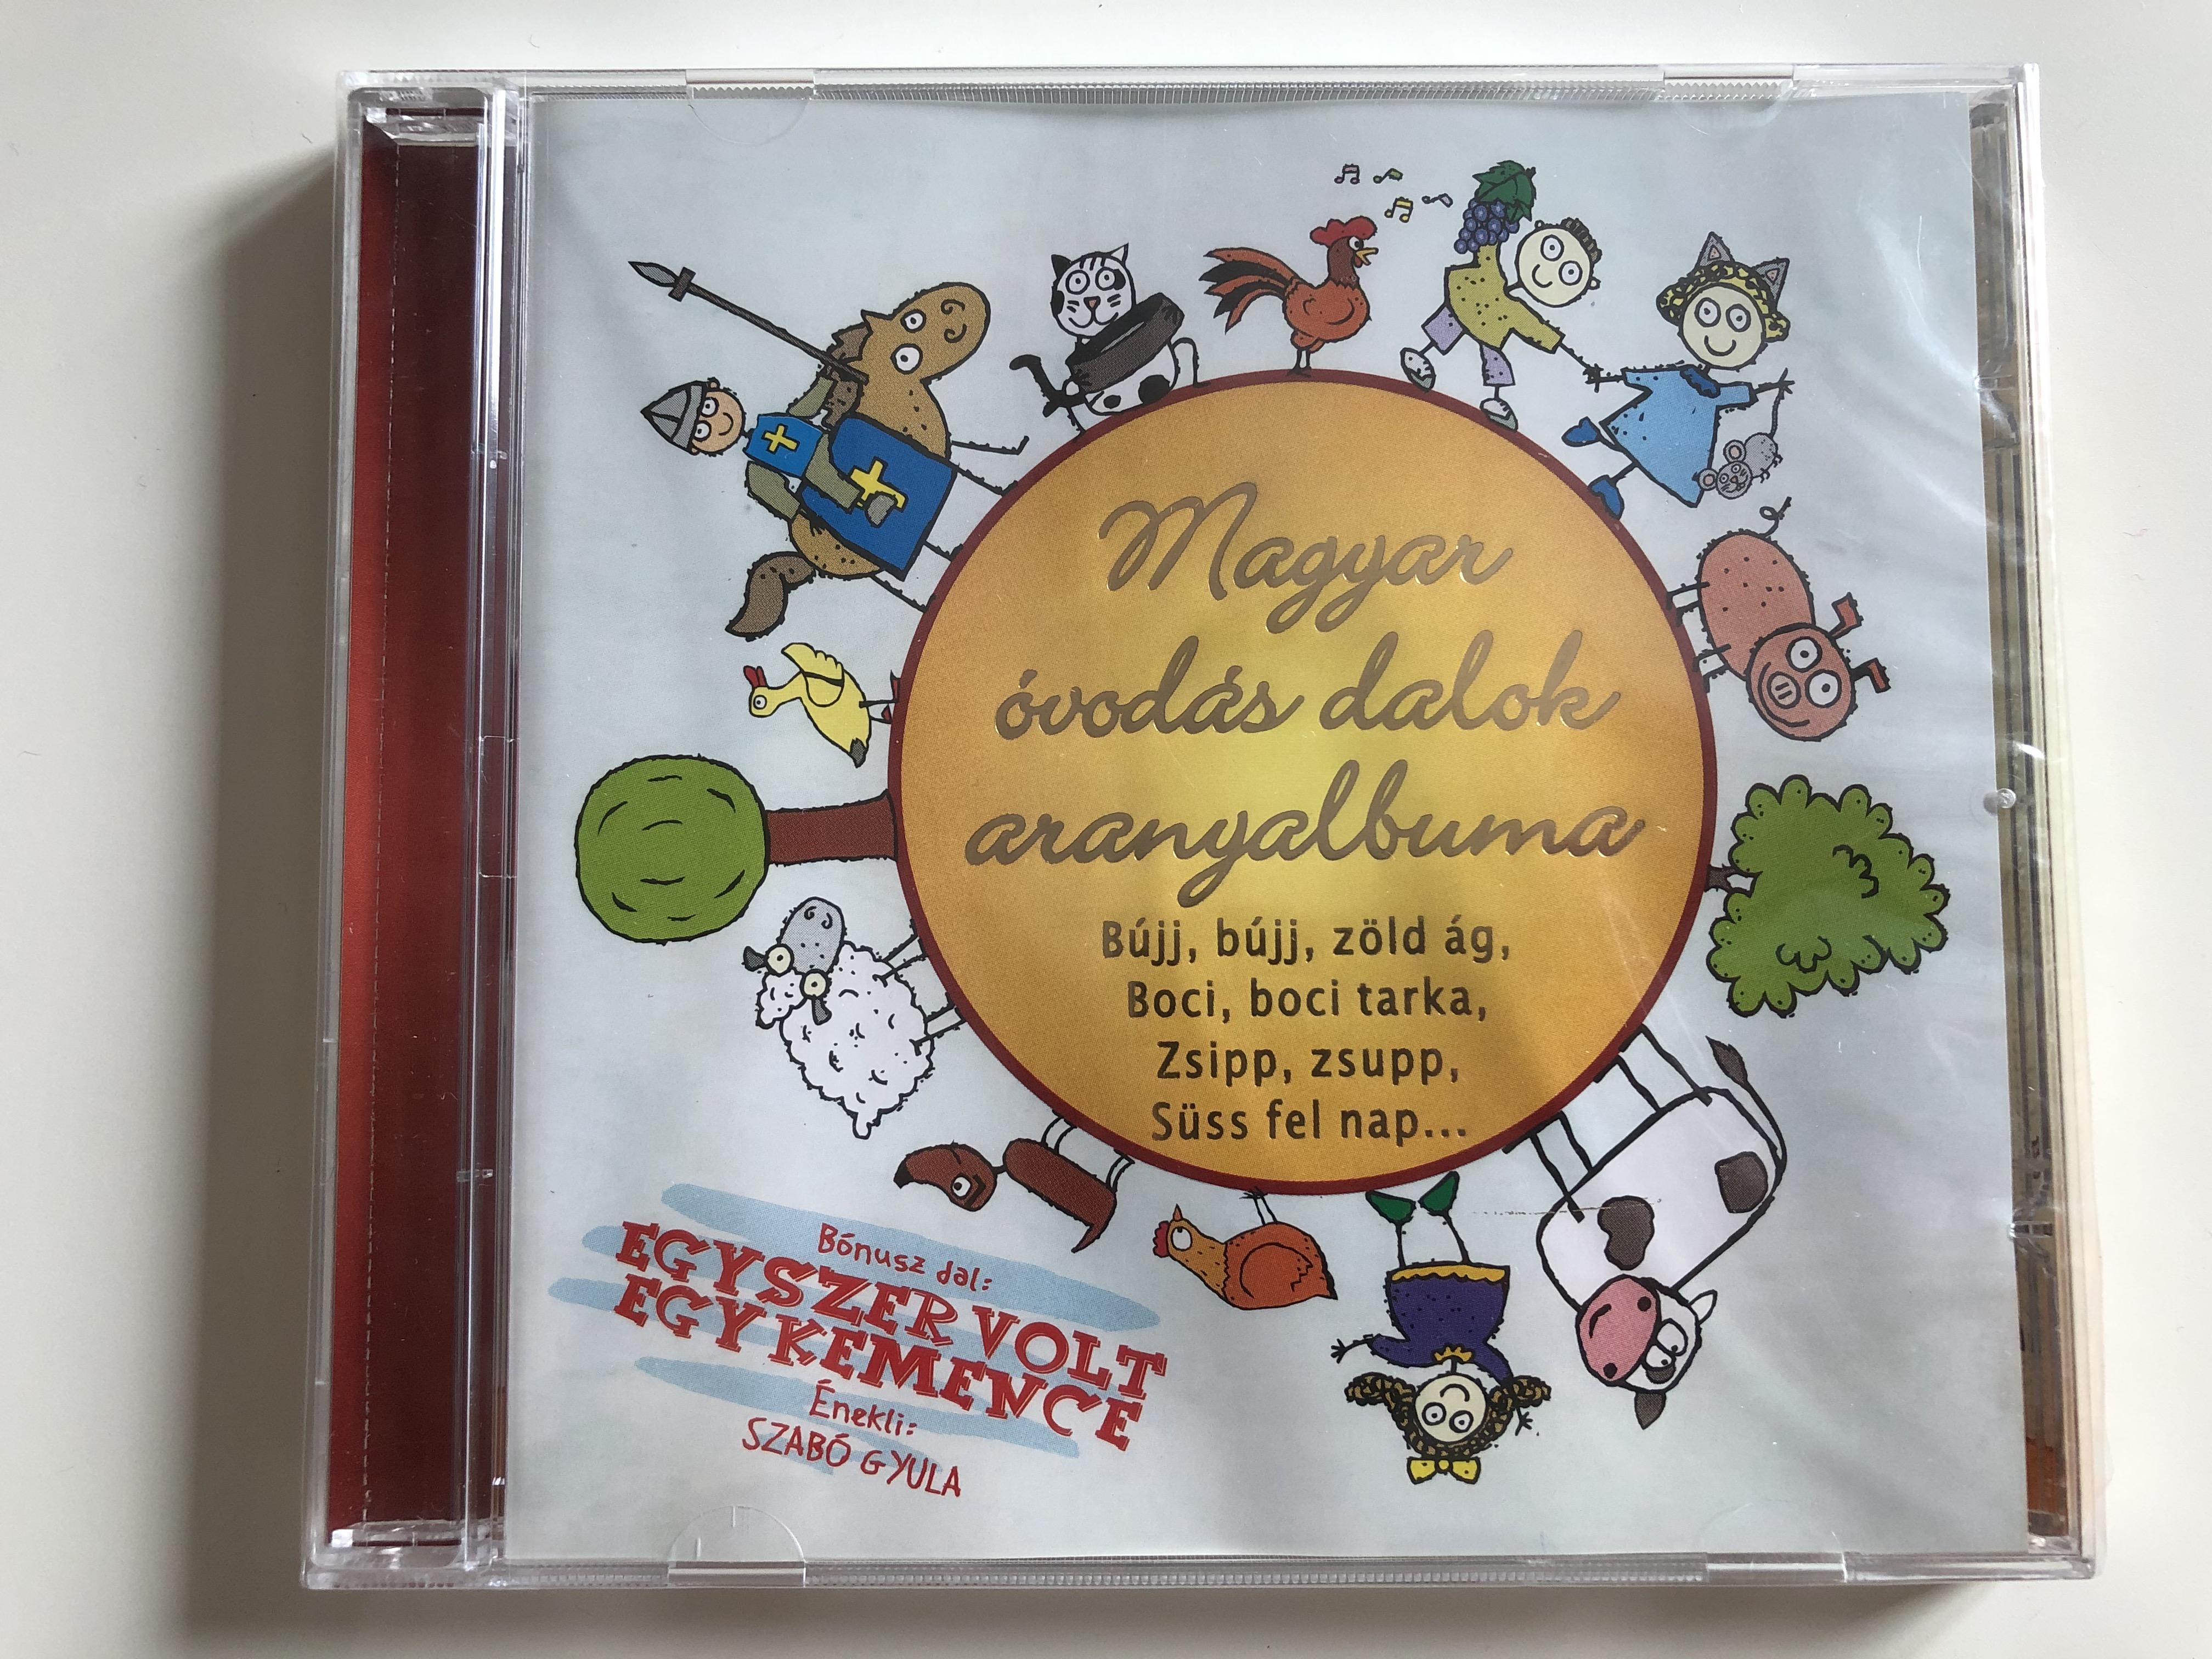 magyar-ovodas-dalok-aranyalbuma-bujj-bujj-zold-ag-boci-boci-tarka-zsipp-zsupp-suss-fel-nap...-bonusz-dal-egyszer-volt-egy-kemence-enekli-szabo-gyula-zeneker-audio-cd-2011-zk1102-cd-1-.jpg